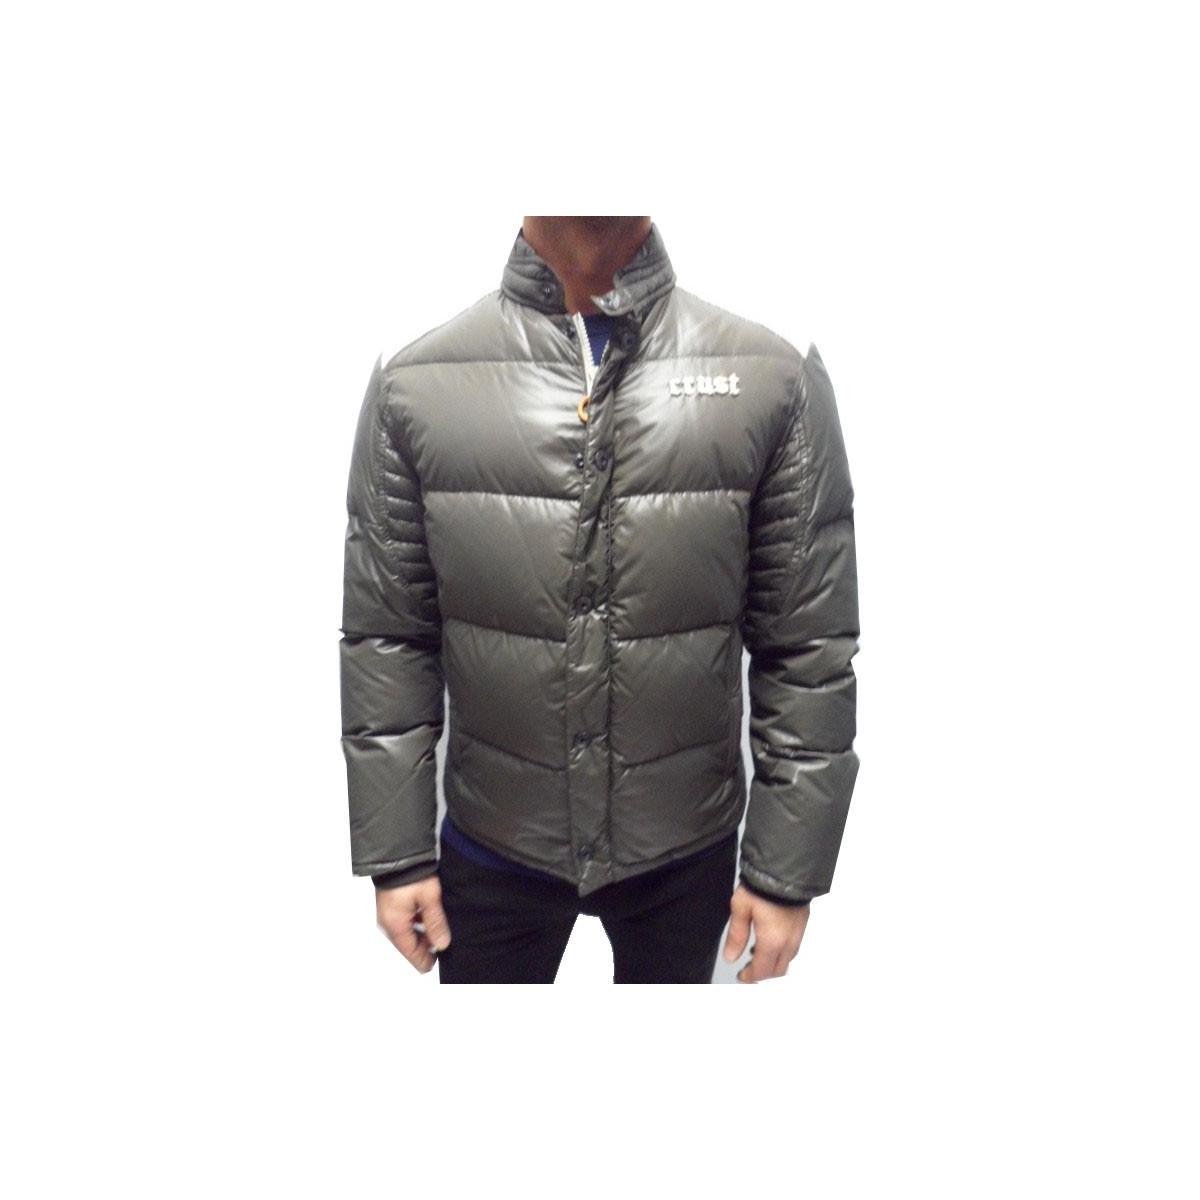 buy online c0977 cf02c Dettagli su Crust chaquetas piumino jacket CV258 8880ES -60%